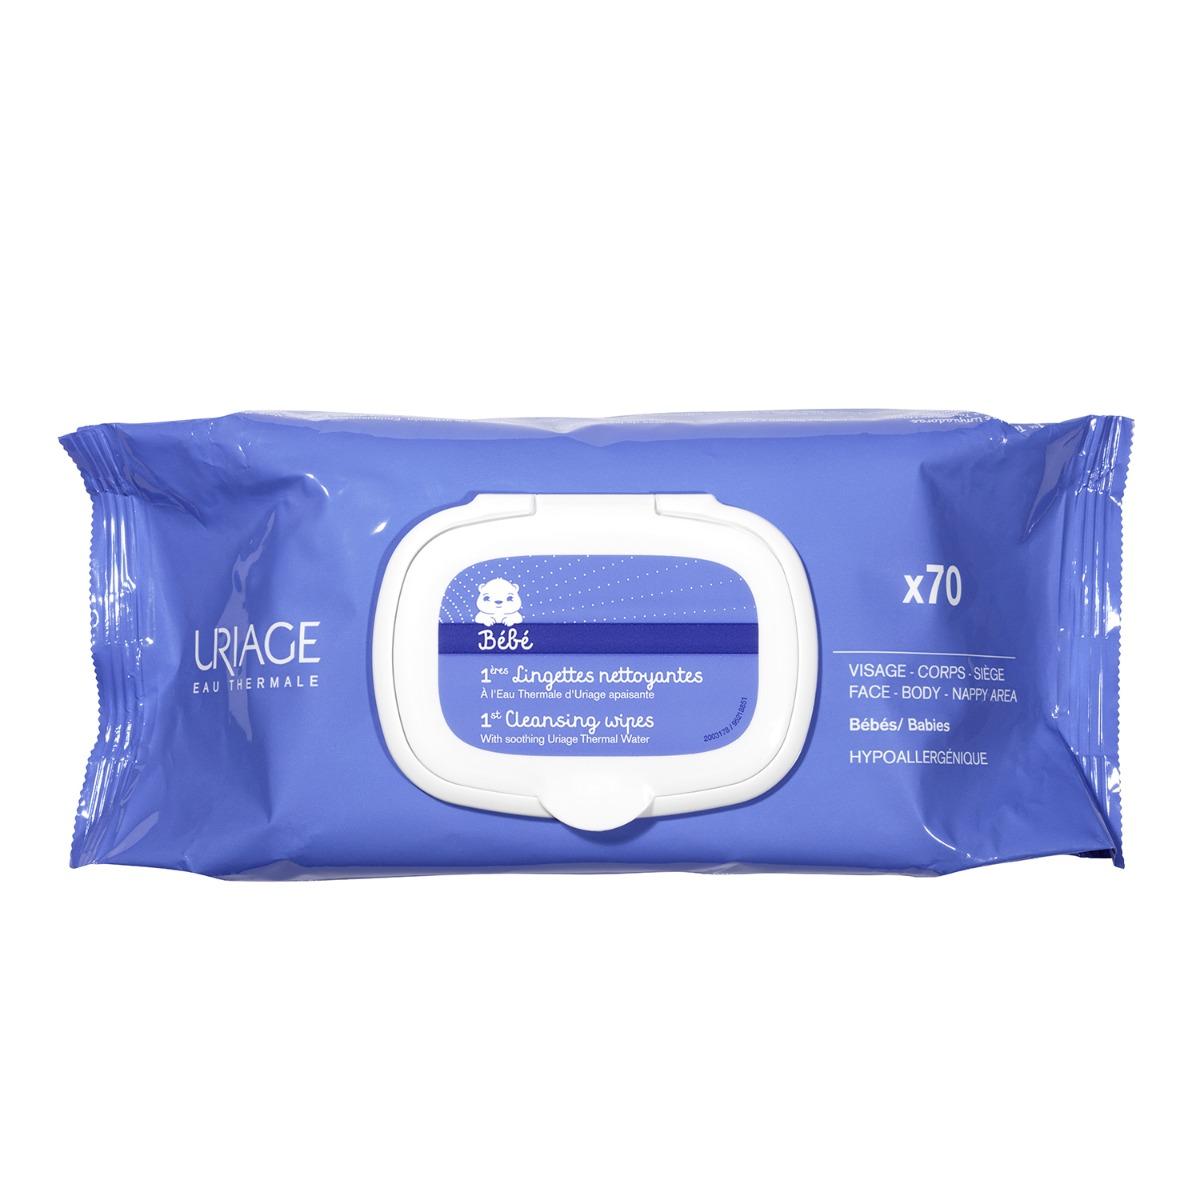 Servetele pentru bebelusi cu apa termala Uriage 1ER Bebe, 70 buc. imagine